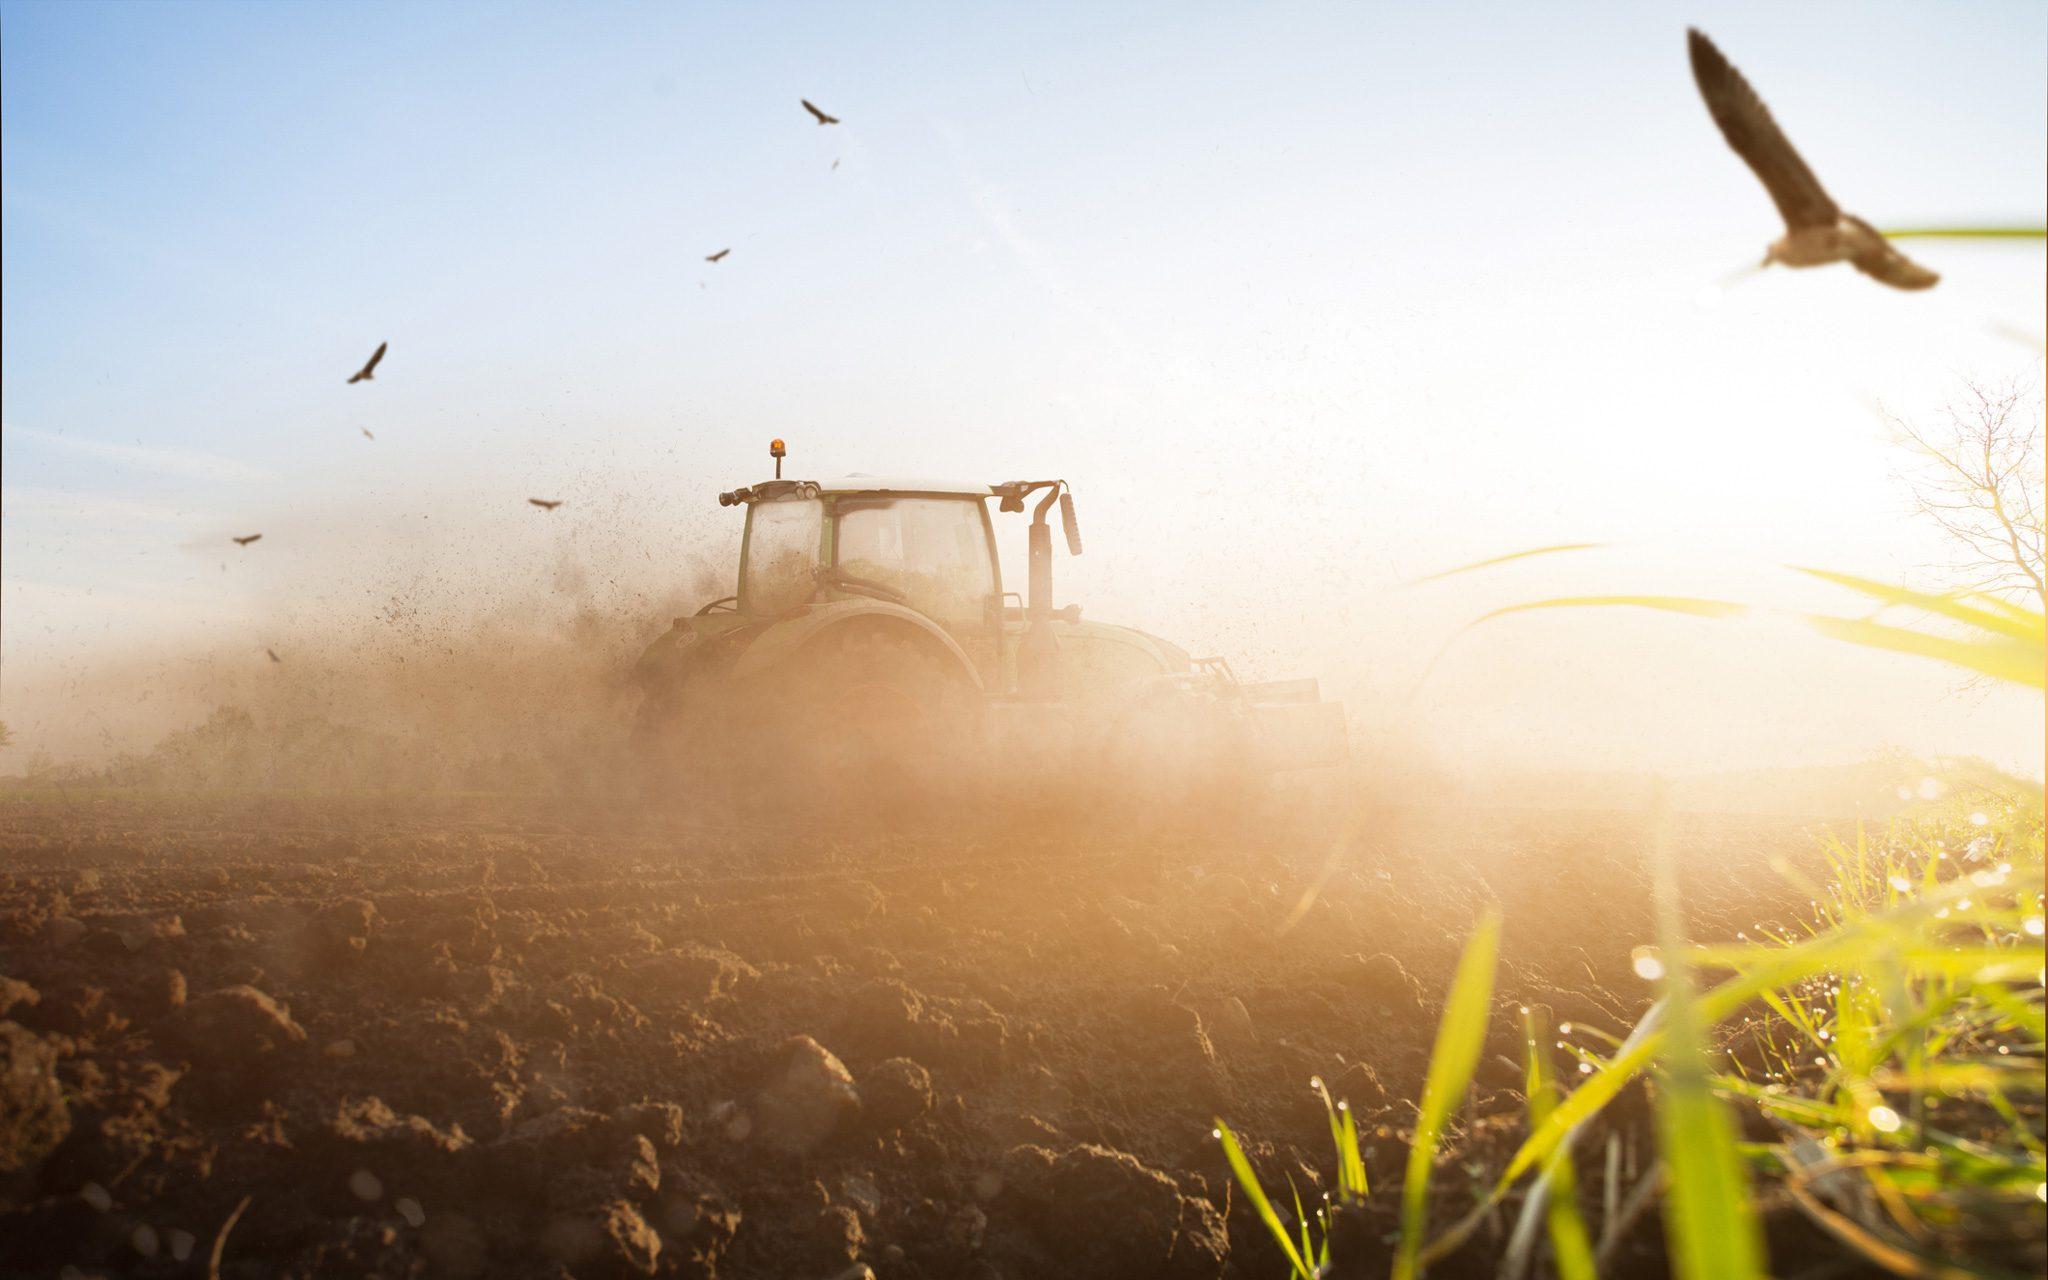 Traktor auf einem trockenen Feld